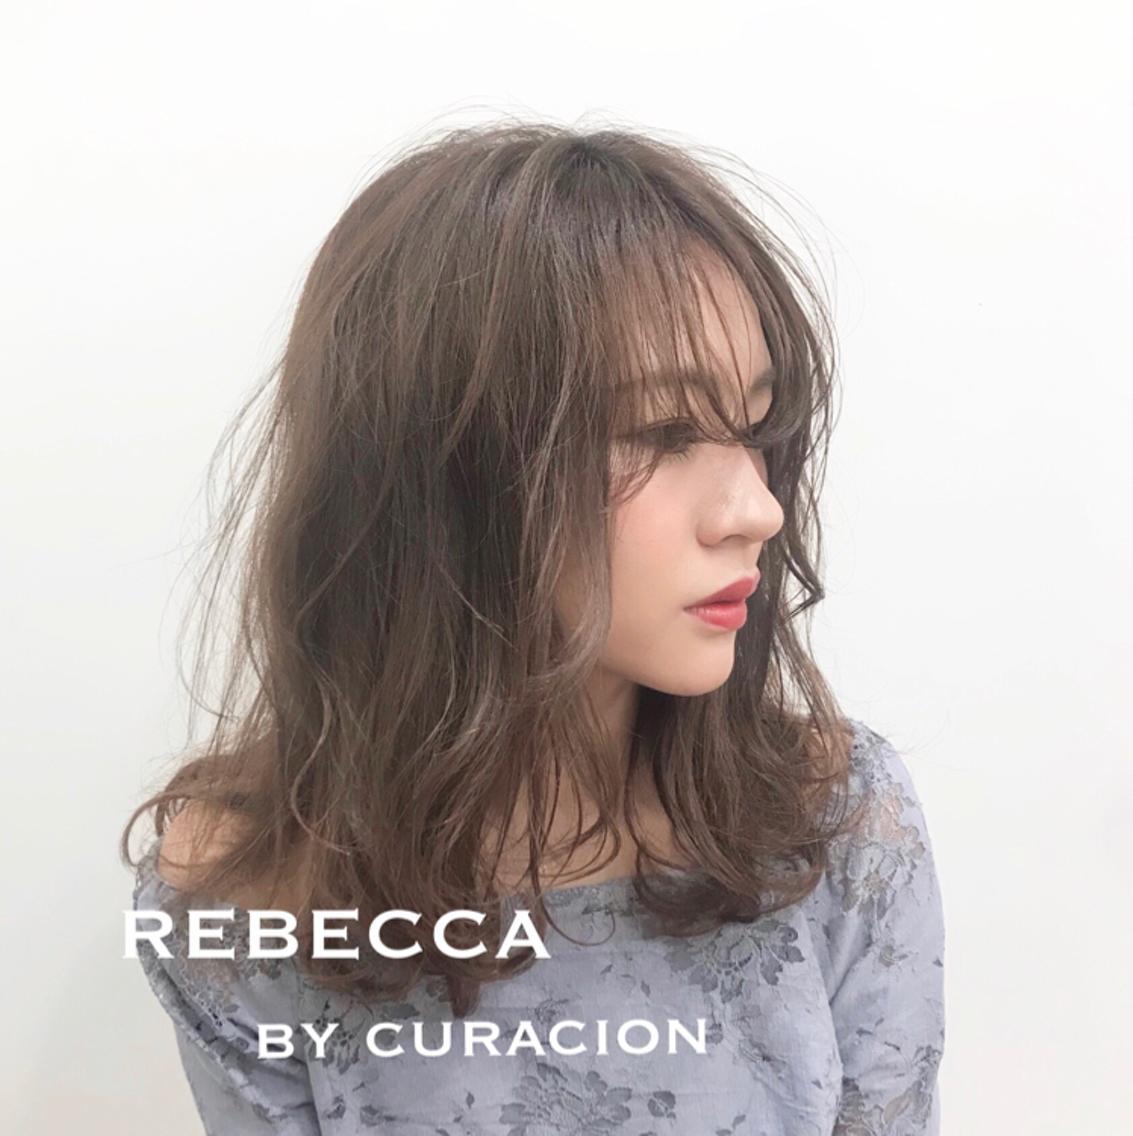 REBECCAbycuracion所属・田中ひとみの掲載